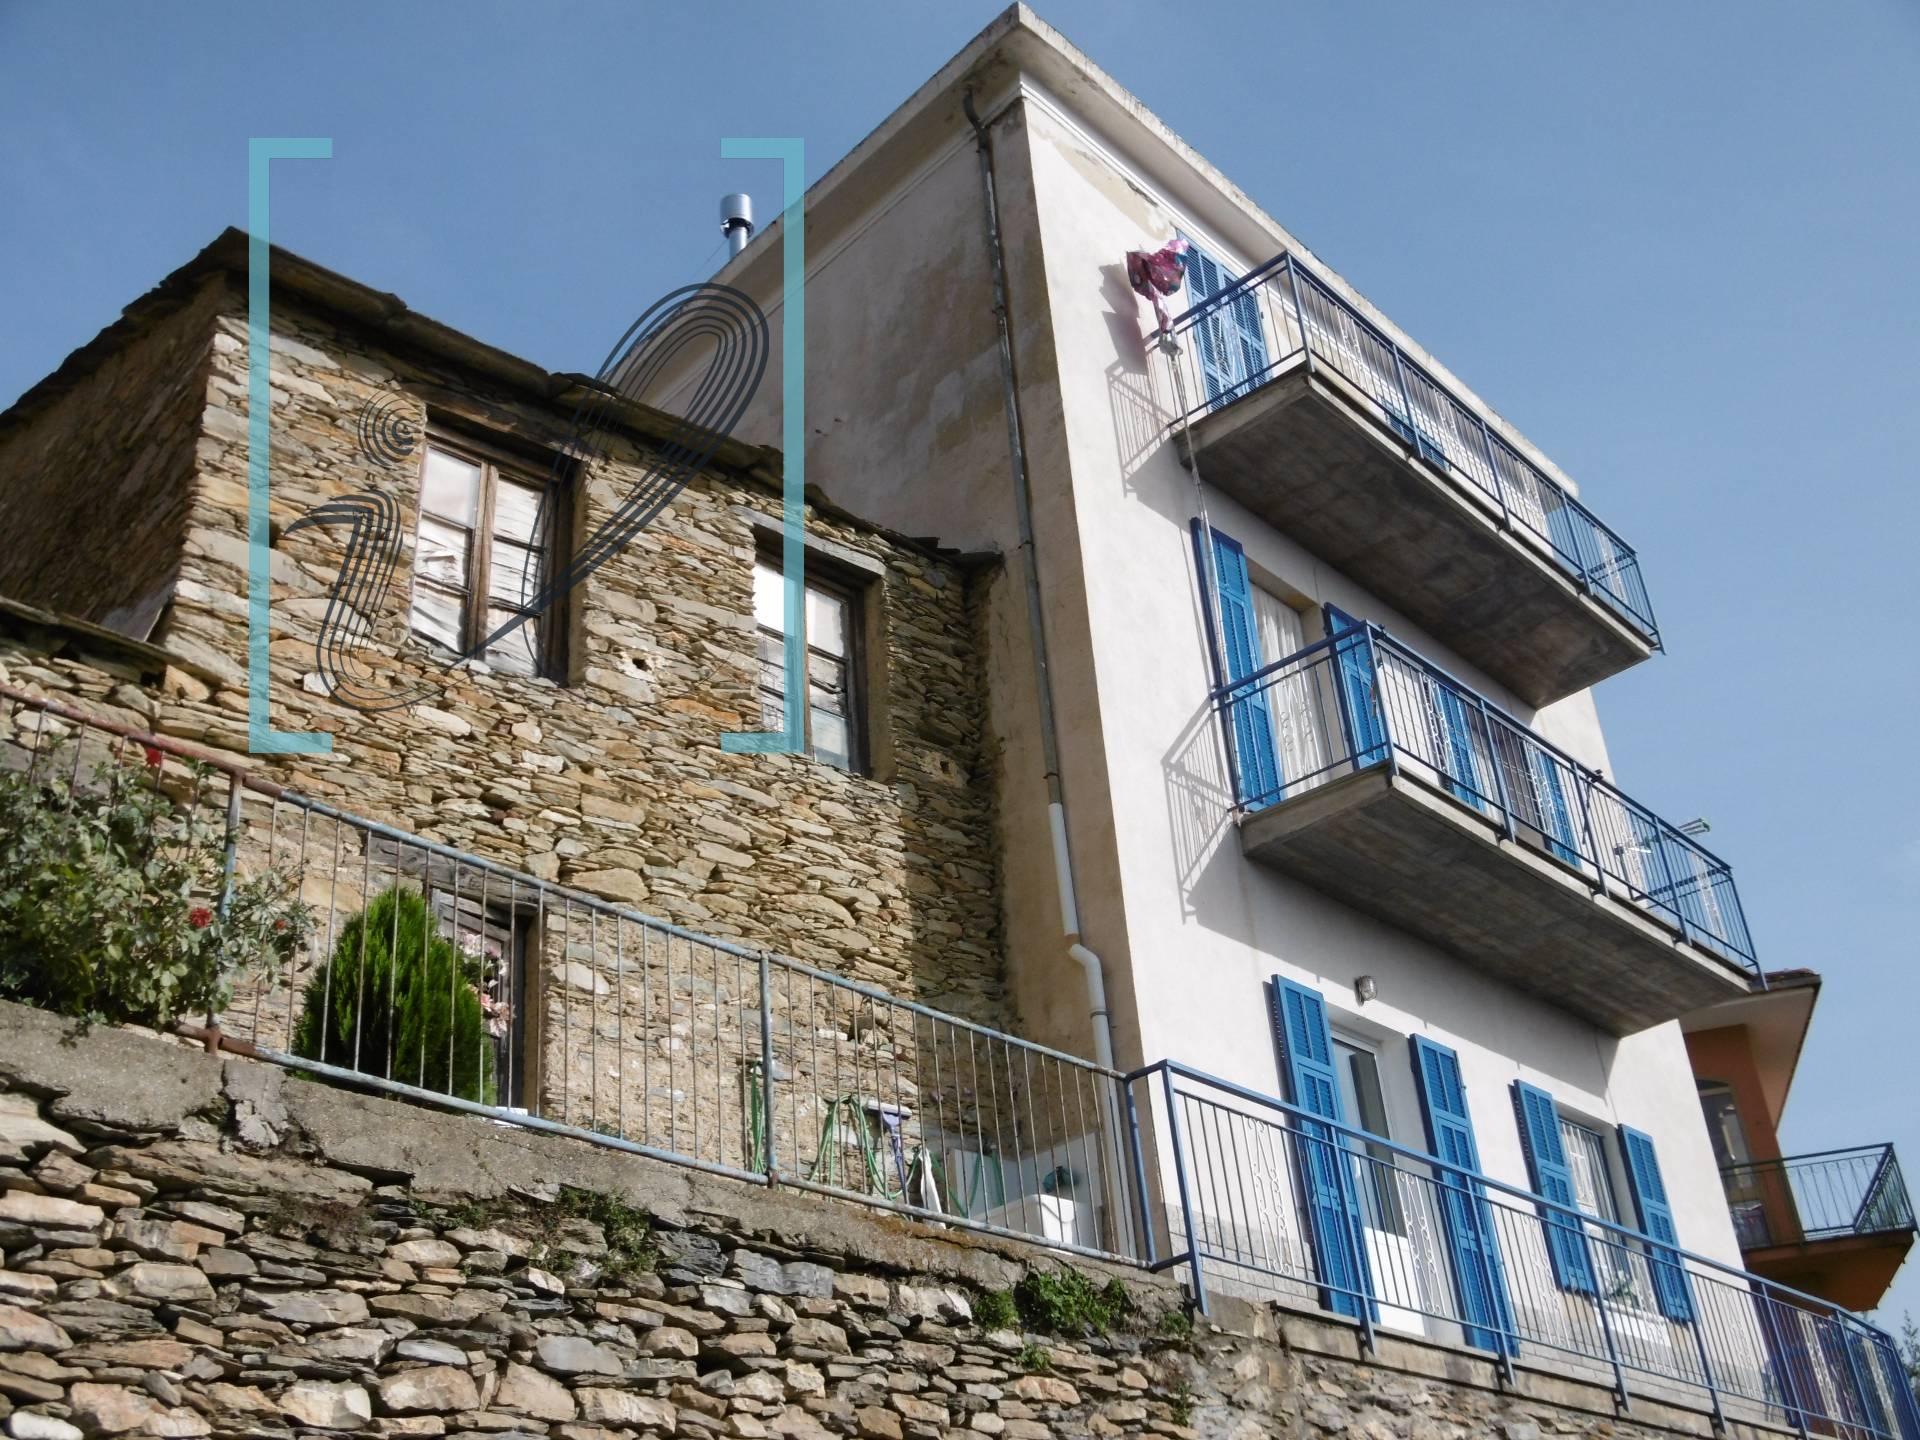 Rustico / Casale in vendita a Borghetto d'Arroscia, 7 locali, prezzo € 98.000 | CambioCasa.it